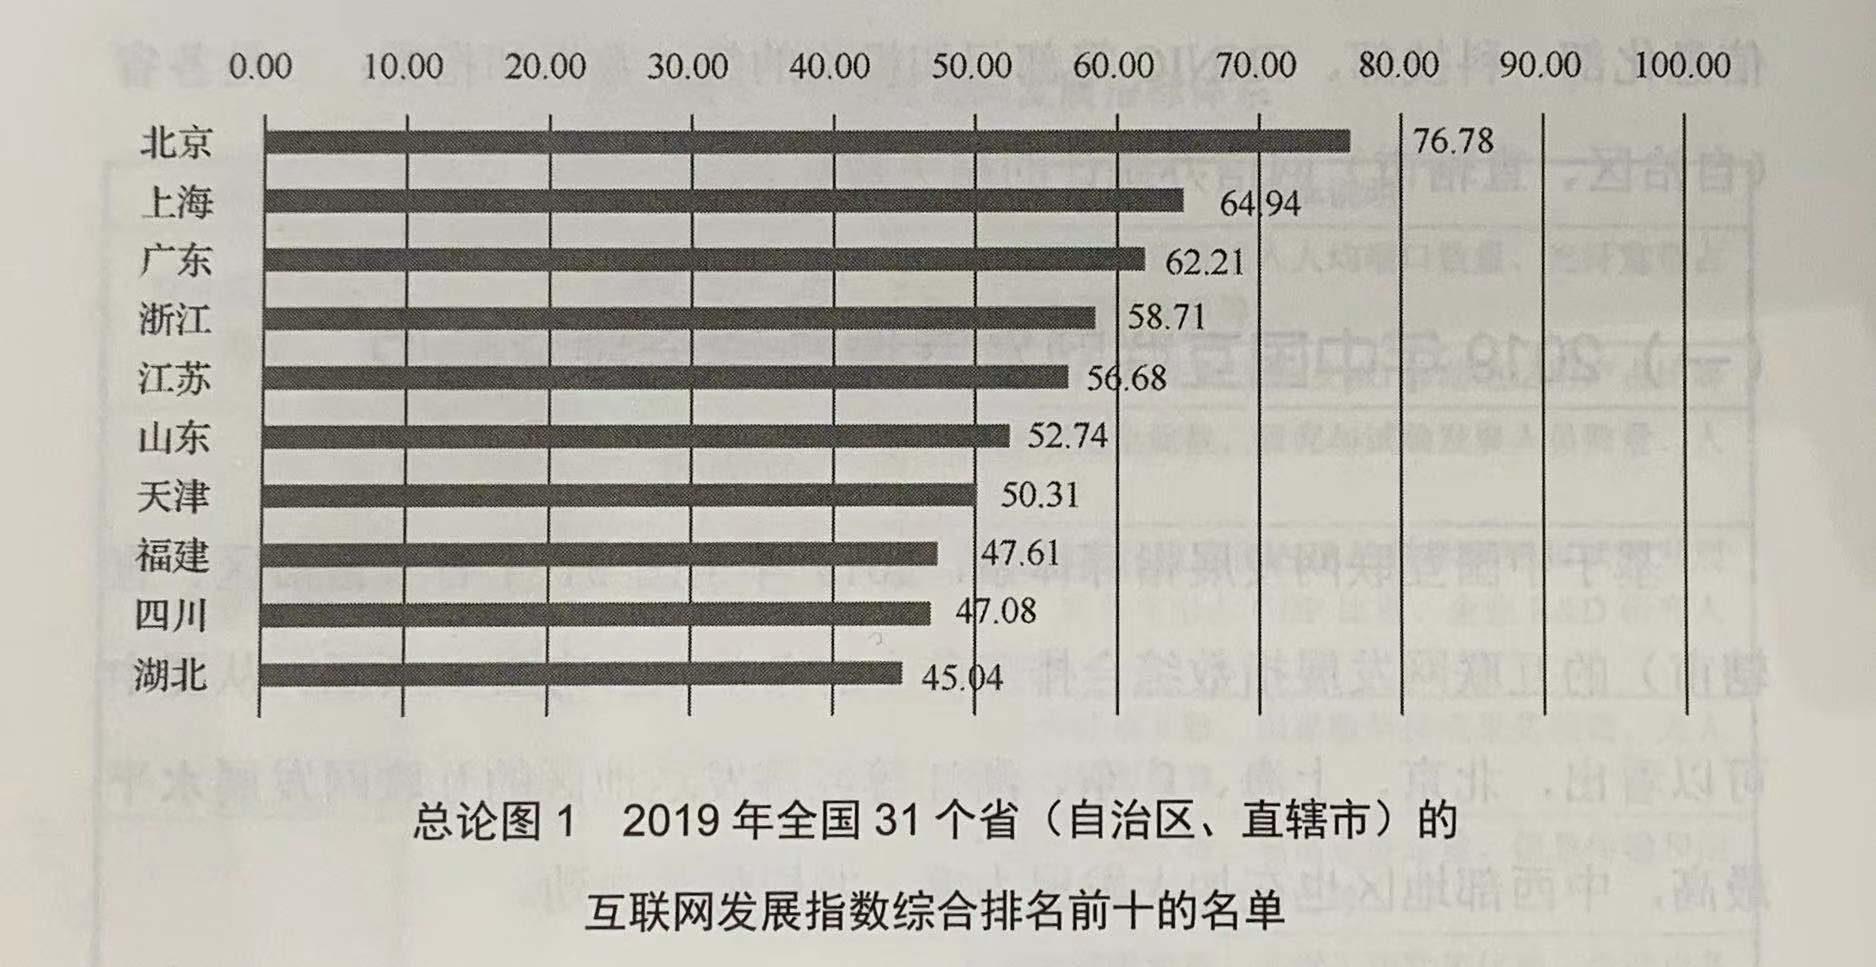 全国31个省区市互联网发展指数排名发布,北京第一